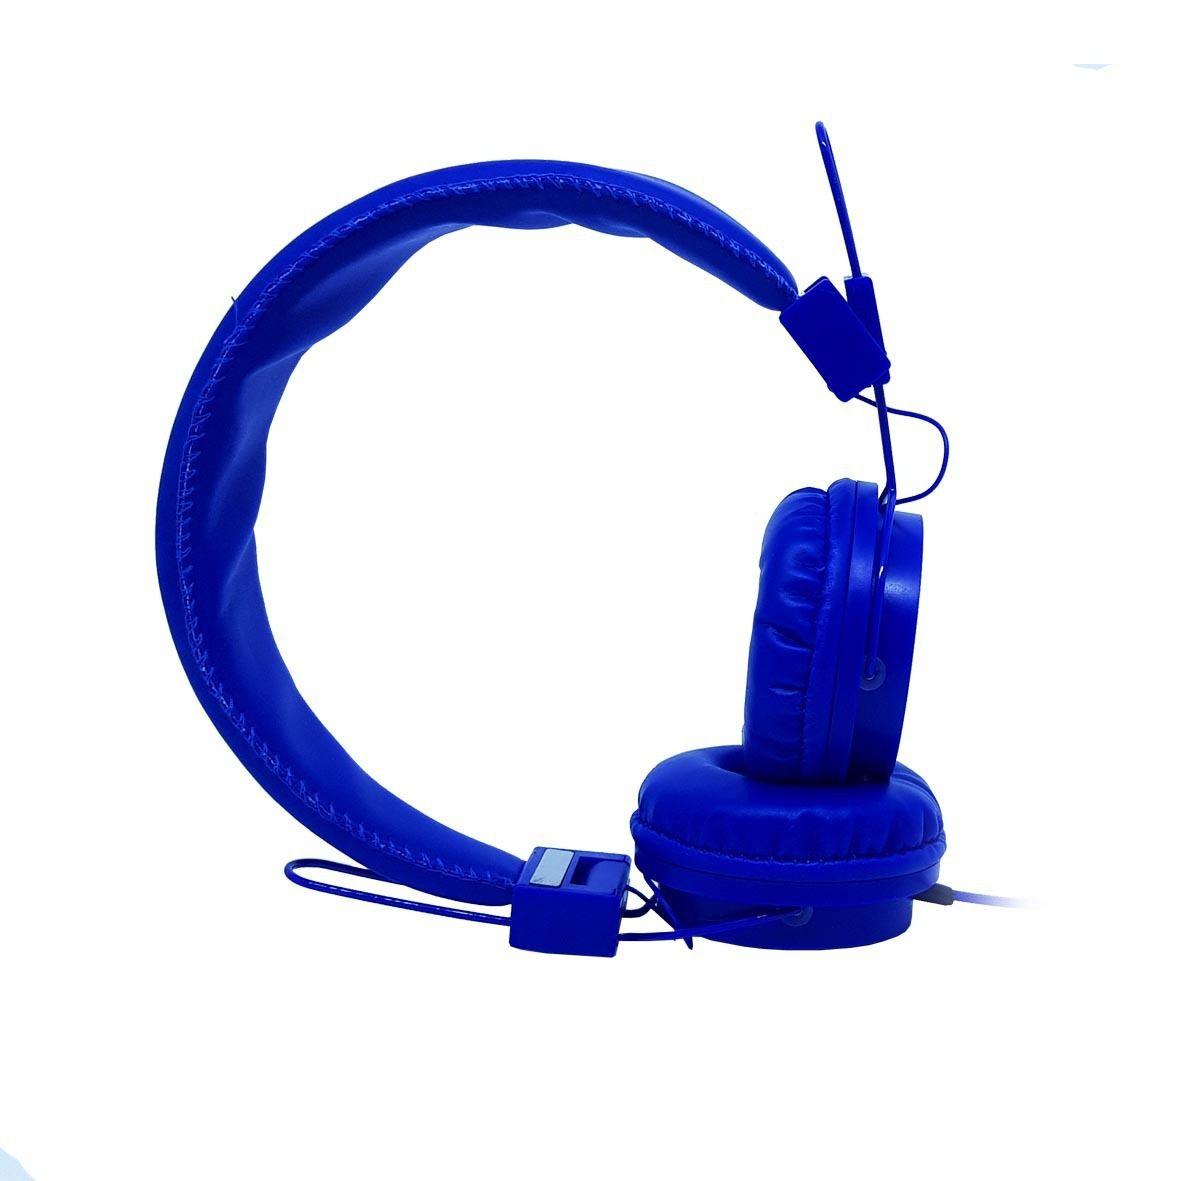 Fone de Ouvido com fio Altomex- A865